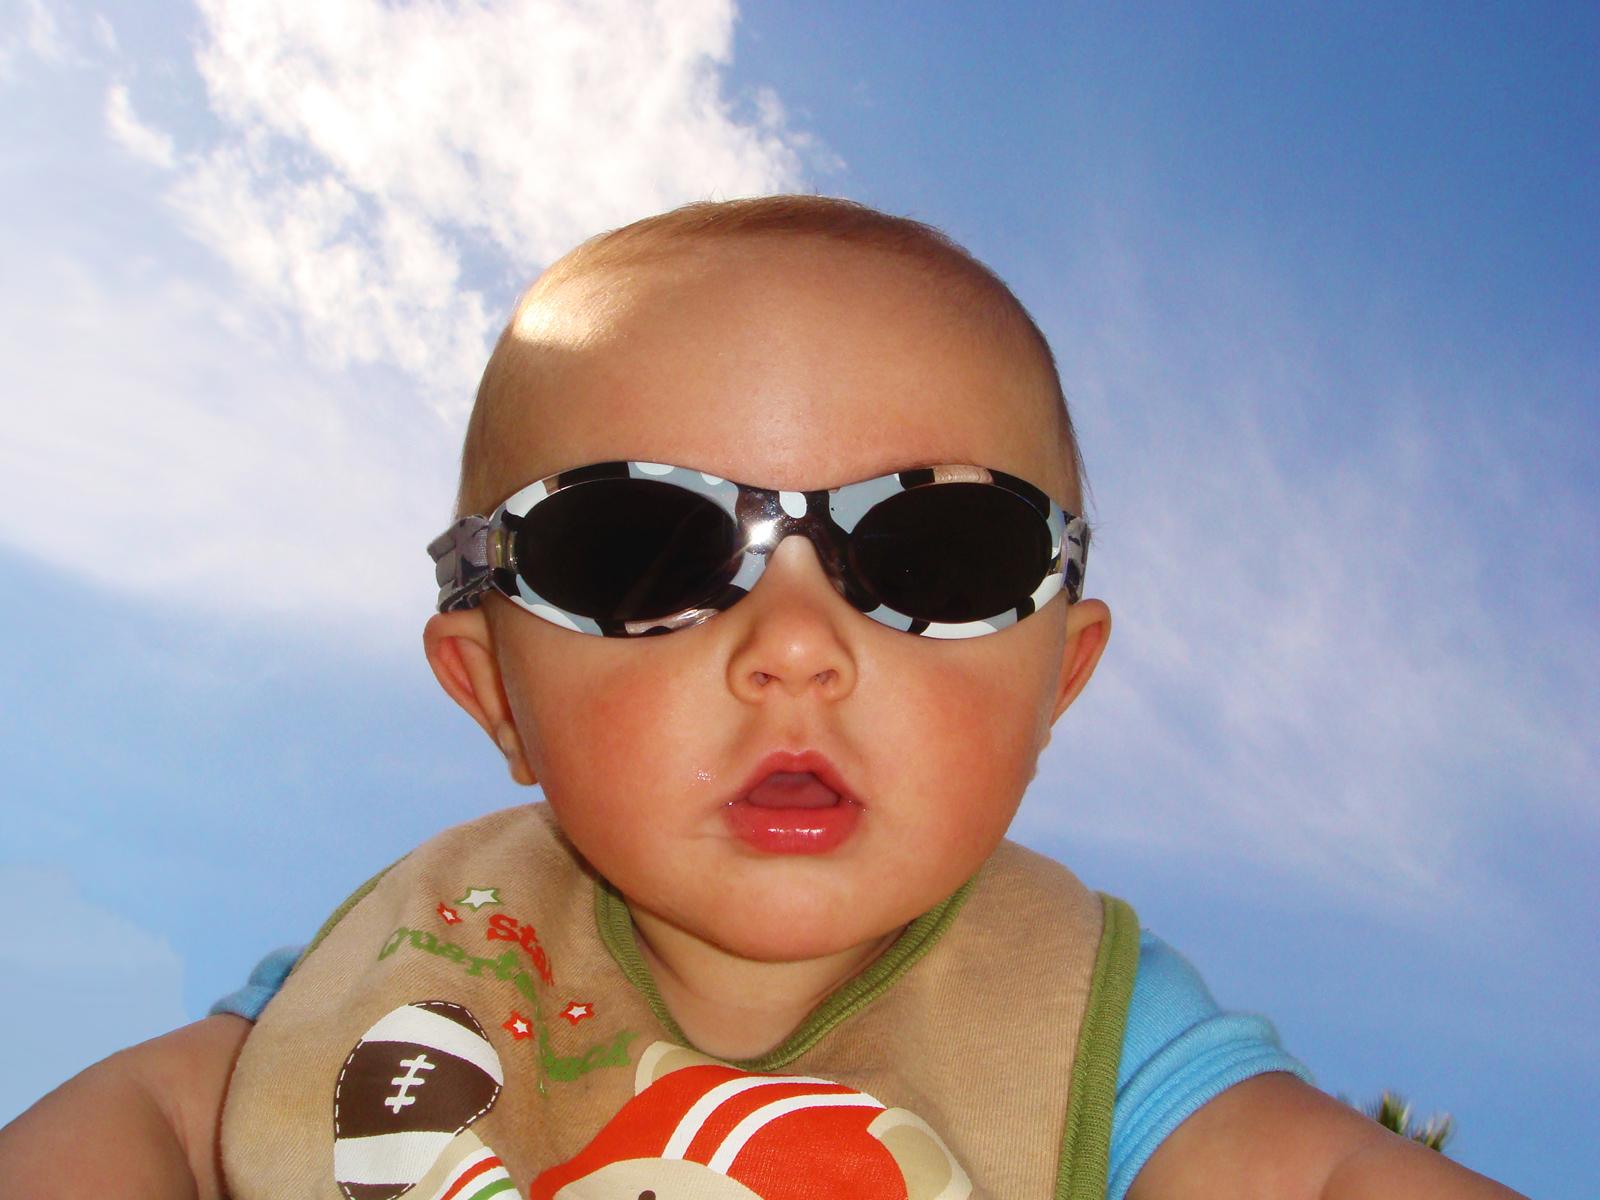 http://3.bp.blogspot.com/-2J-ynRNAaYk/Tk1I2gxDCvI/AAAAAAAAAGM/ehbulUWwZf8/s1600/1173719_64694101-baby-with-sunglasses.jpg